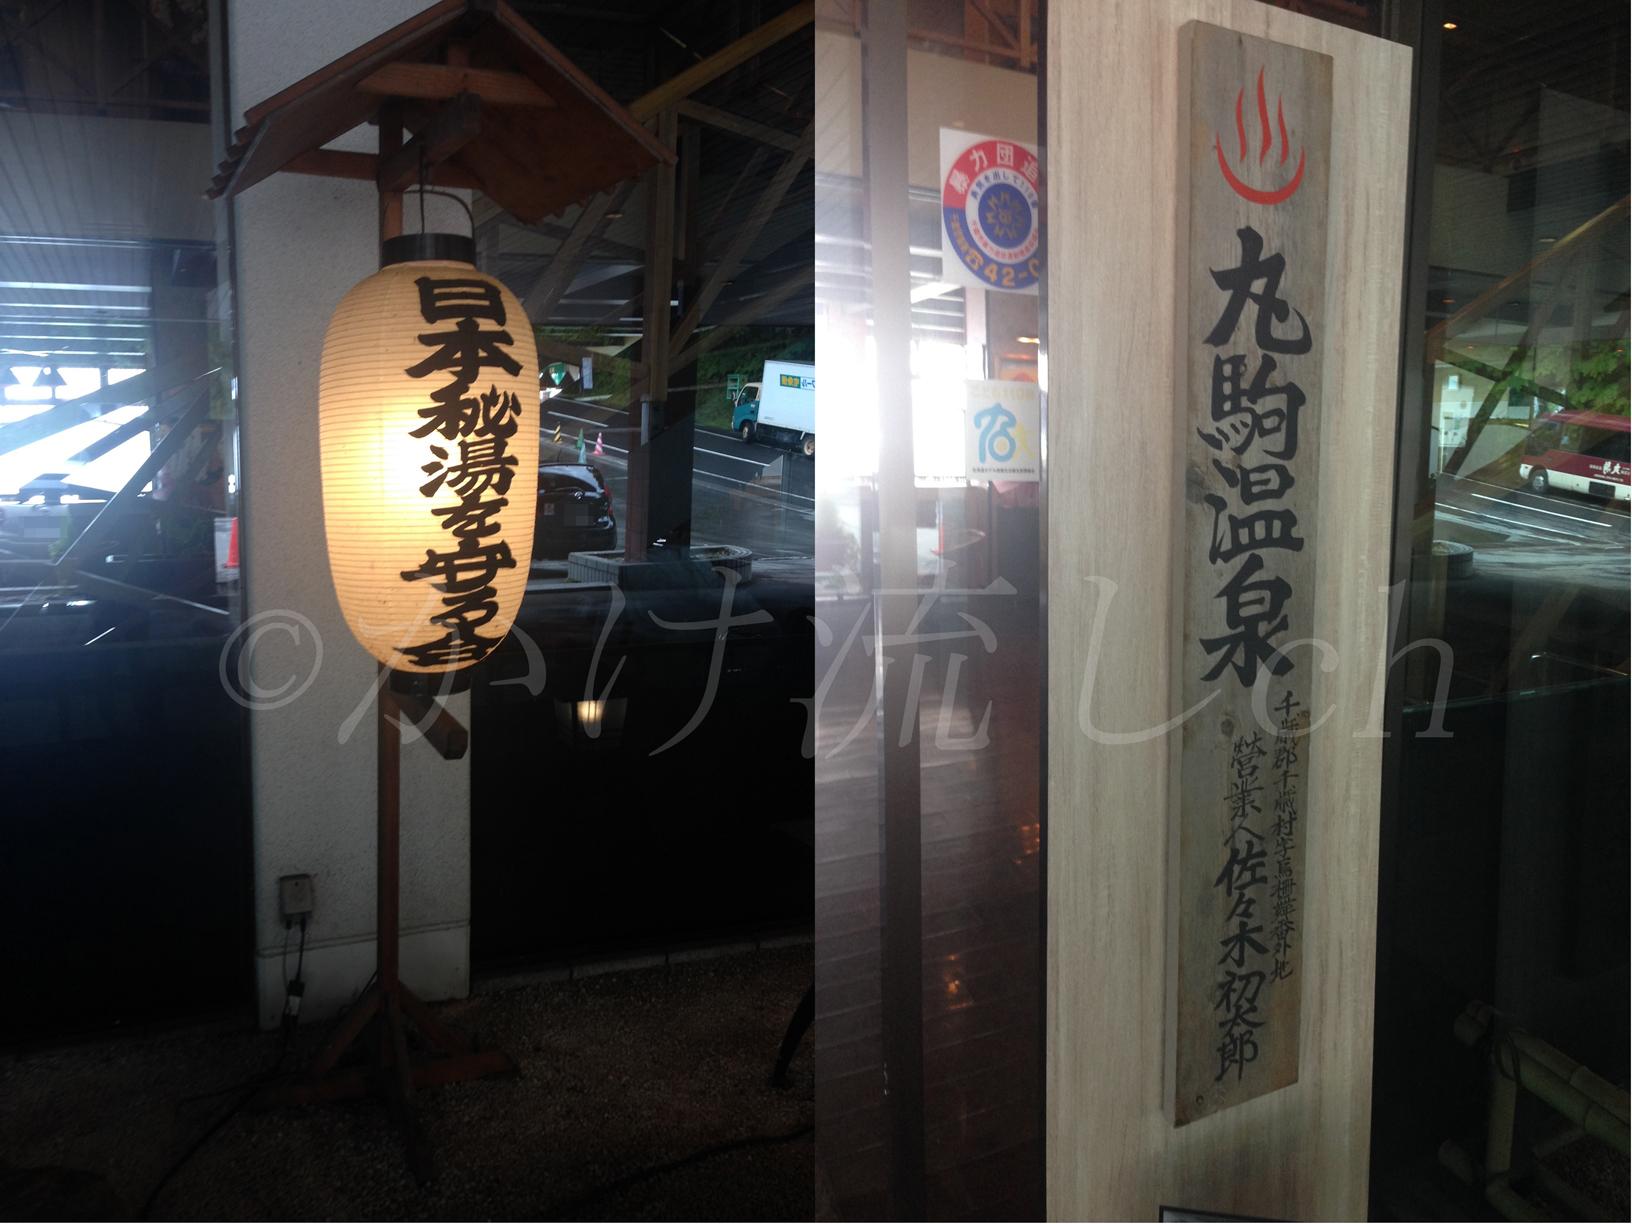 丸駒温泉旅館で日帰り入浴!足元湧出天然露天風呂で立湯し絶景を堪能